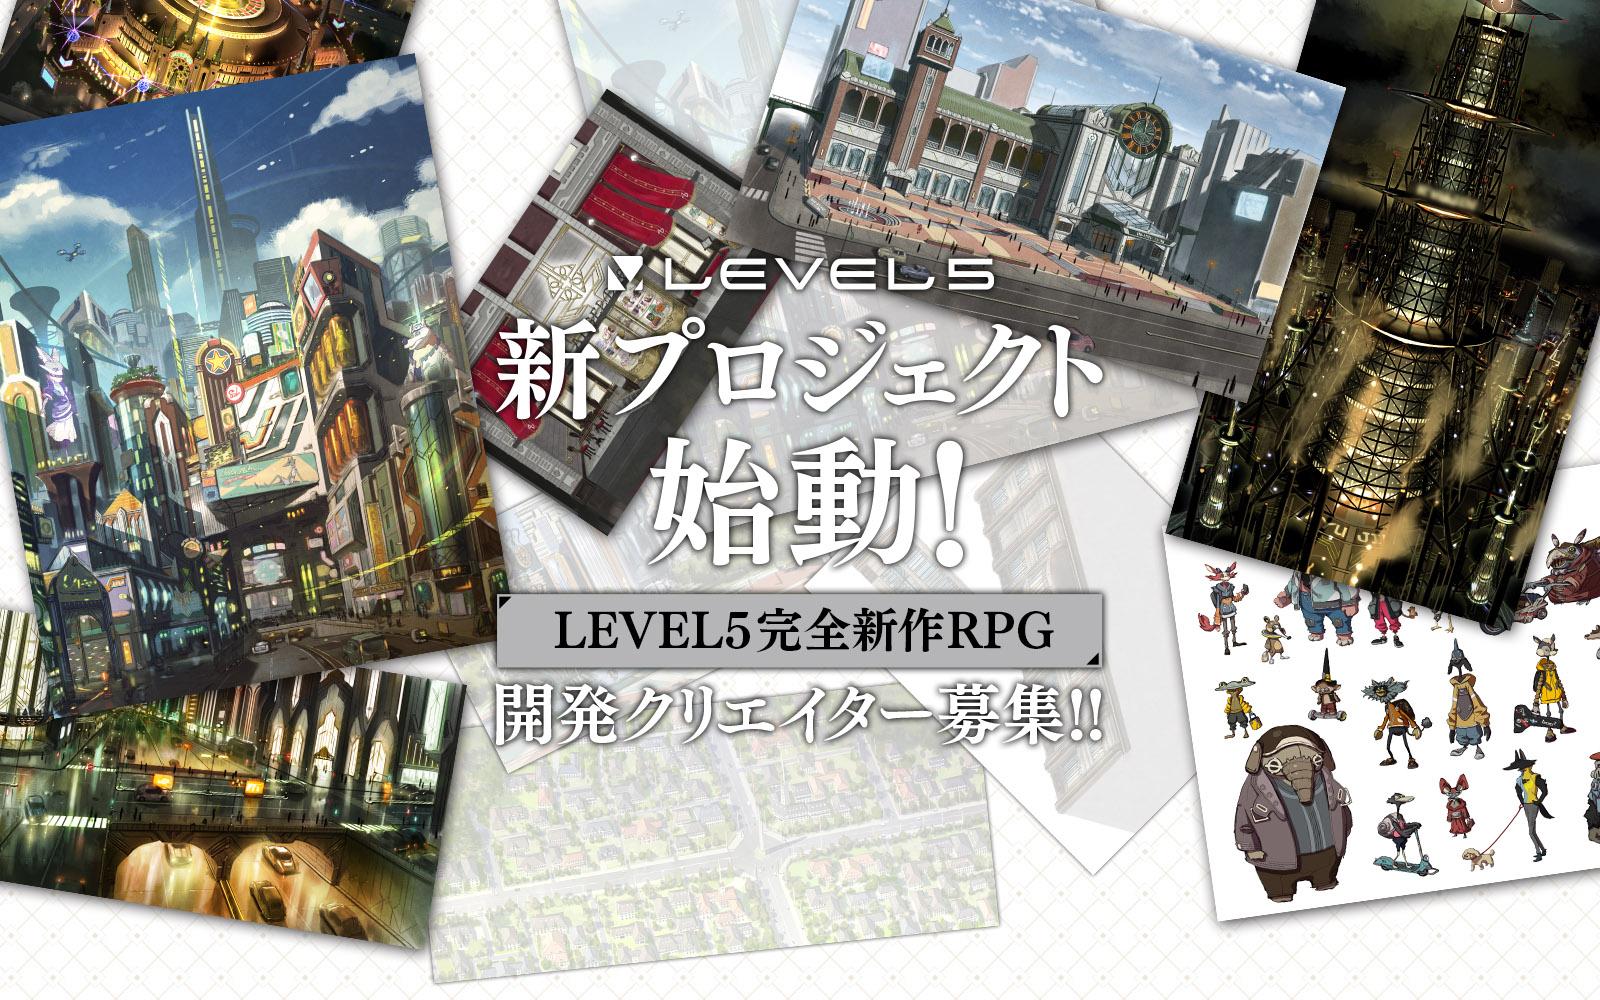 Přehled novinek z Japonska 27. týdne L5 Project 07 07 21